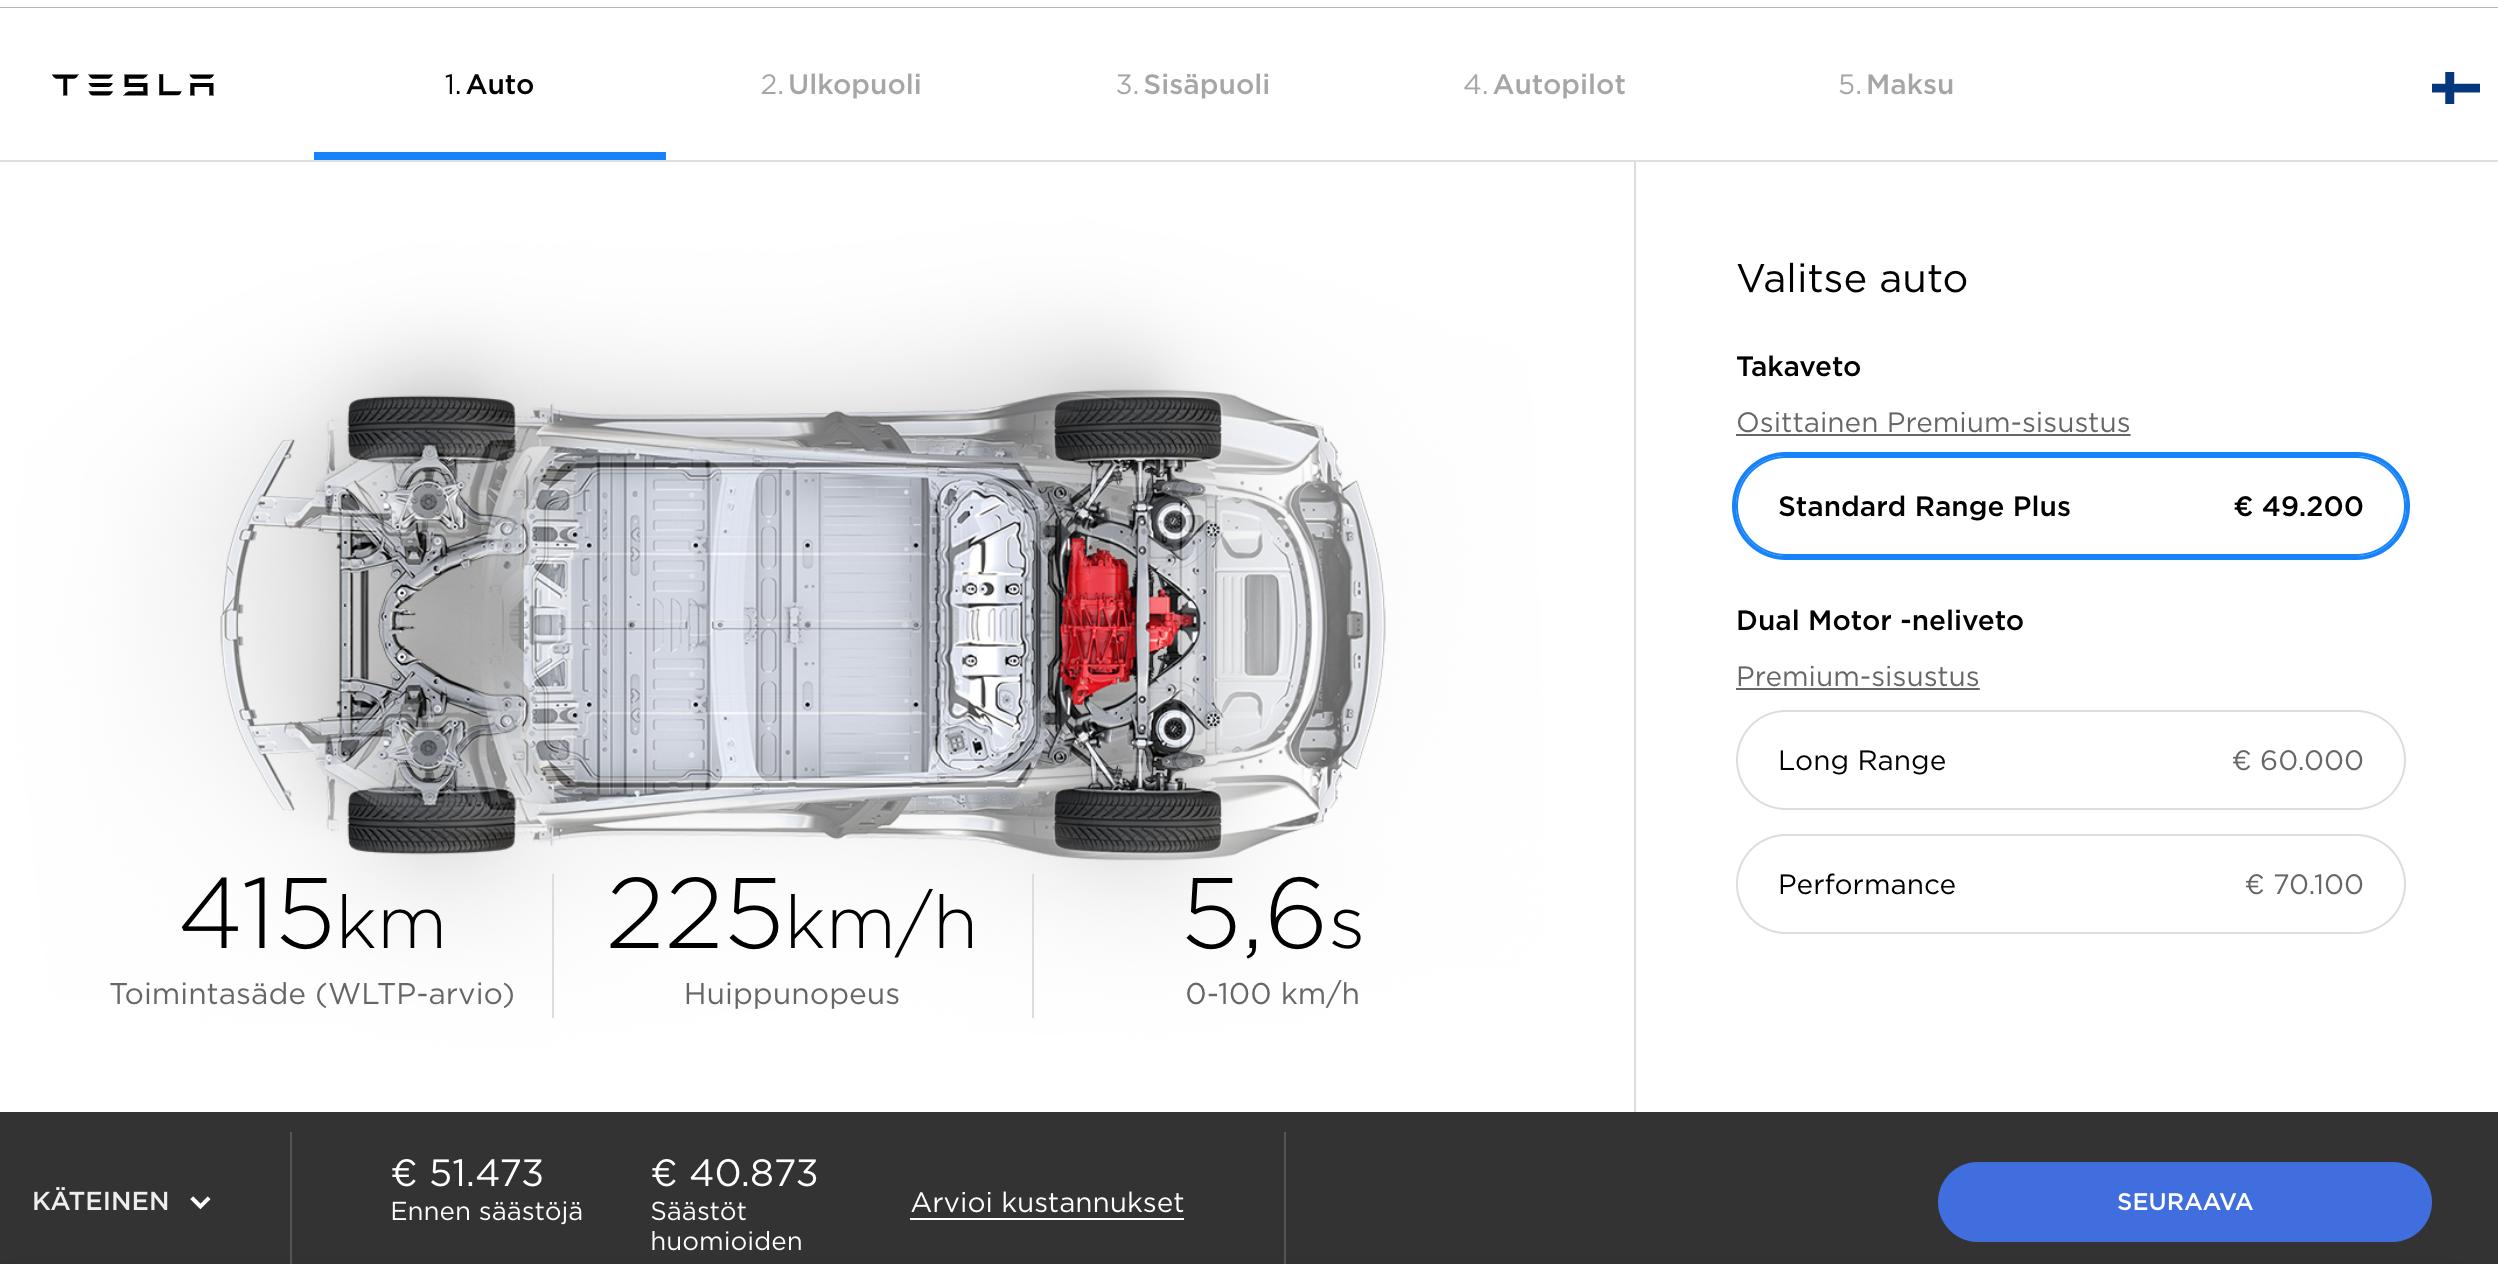 Tätä sähköautoihin on odotettu -vetokoukku edullisempaan hintaluokkaan